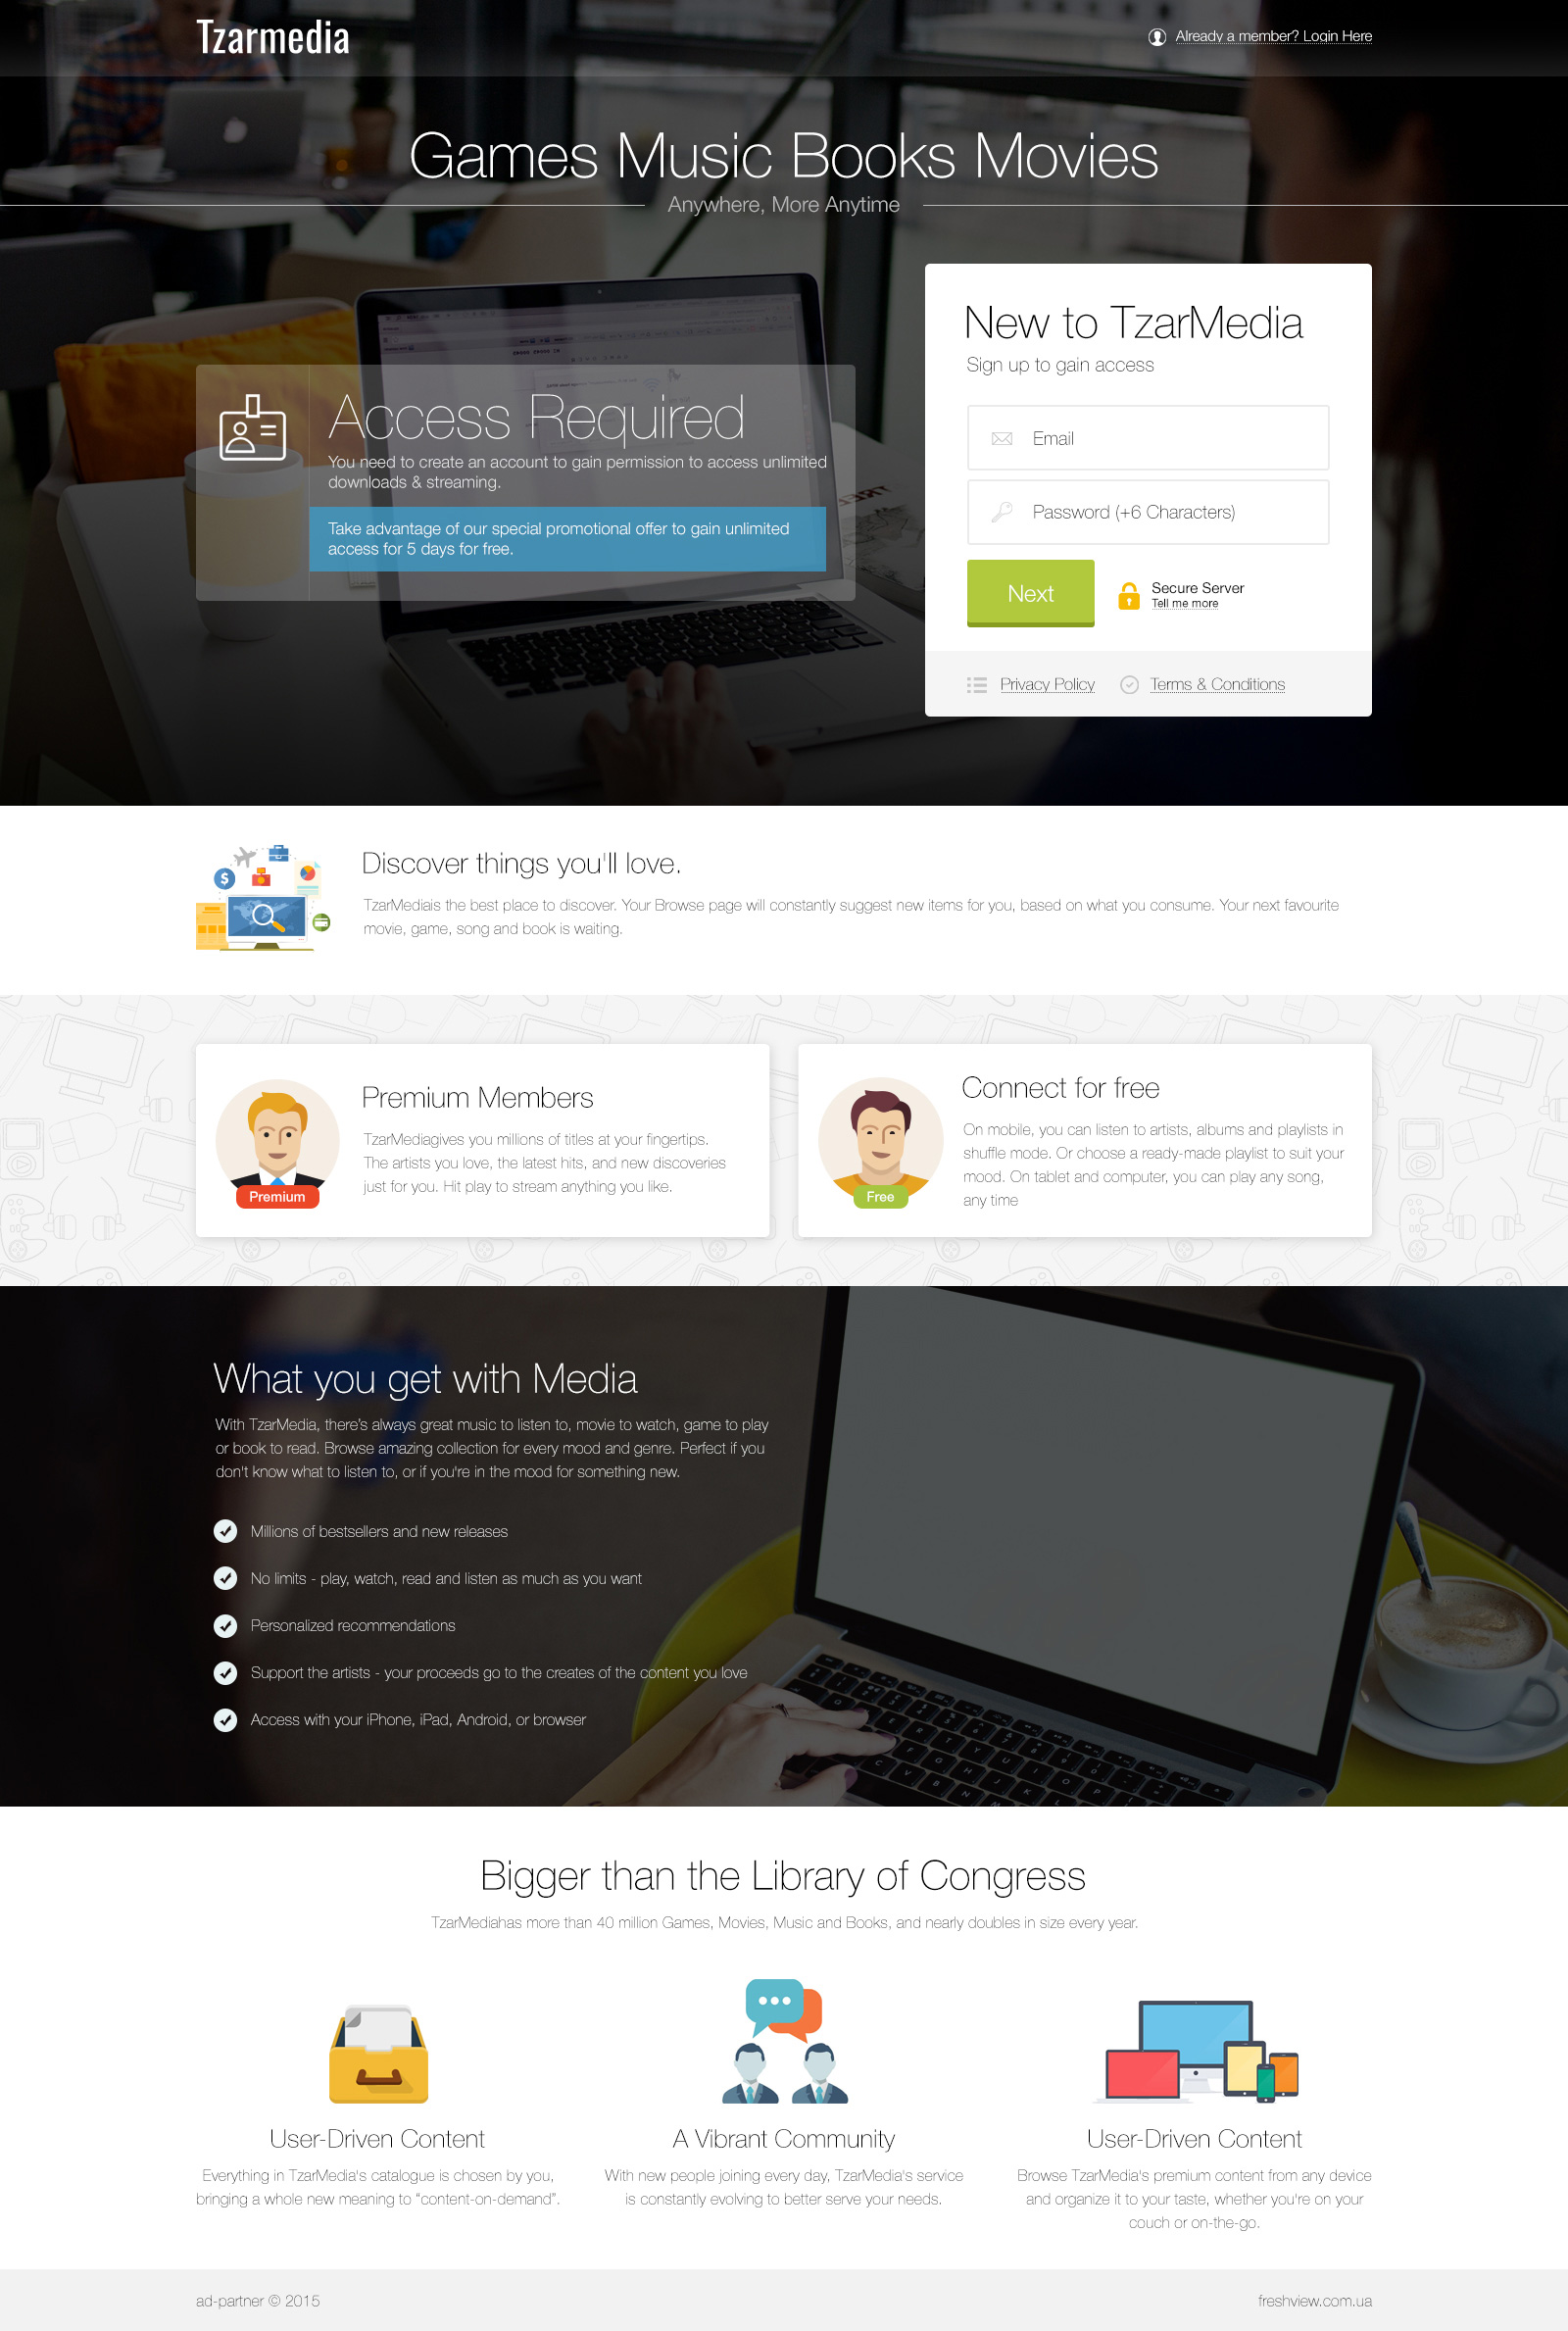 Tzarmedia - адаптивная верстка для планшетов и телефонов, подключение скриптов